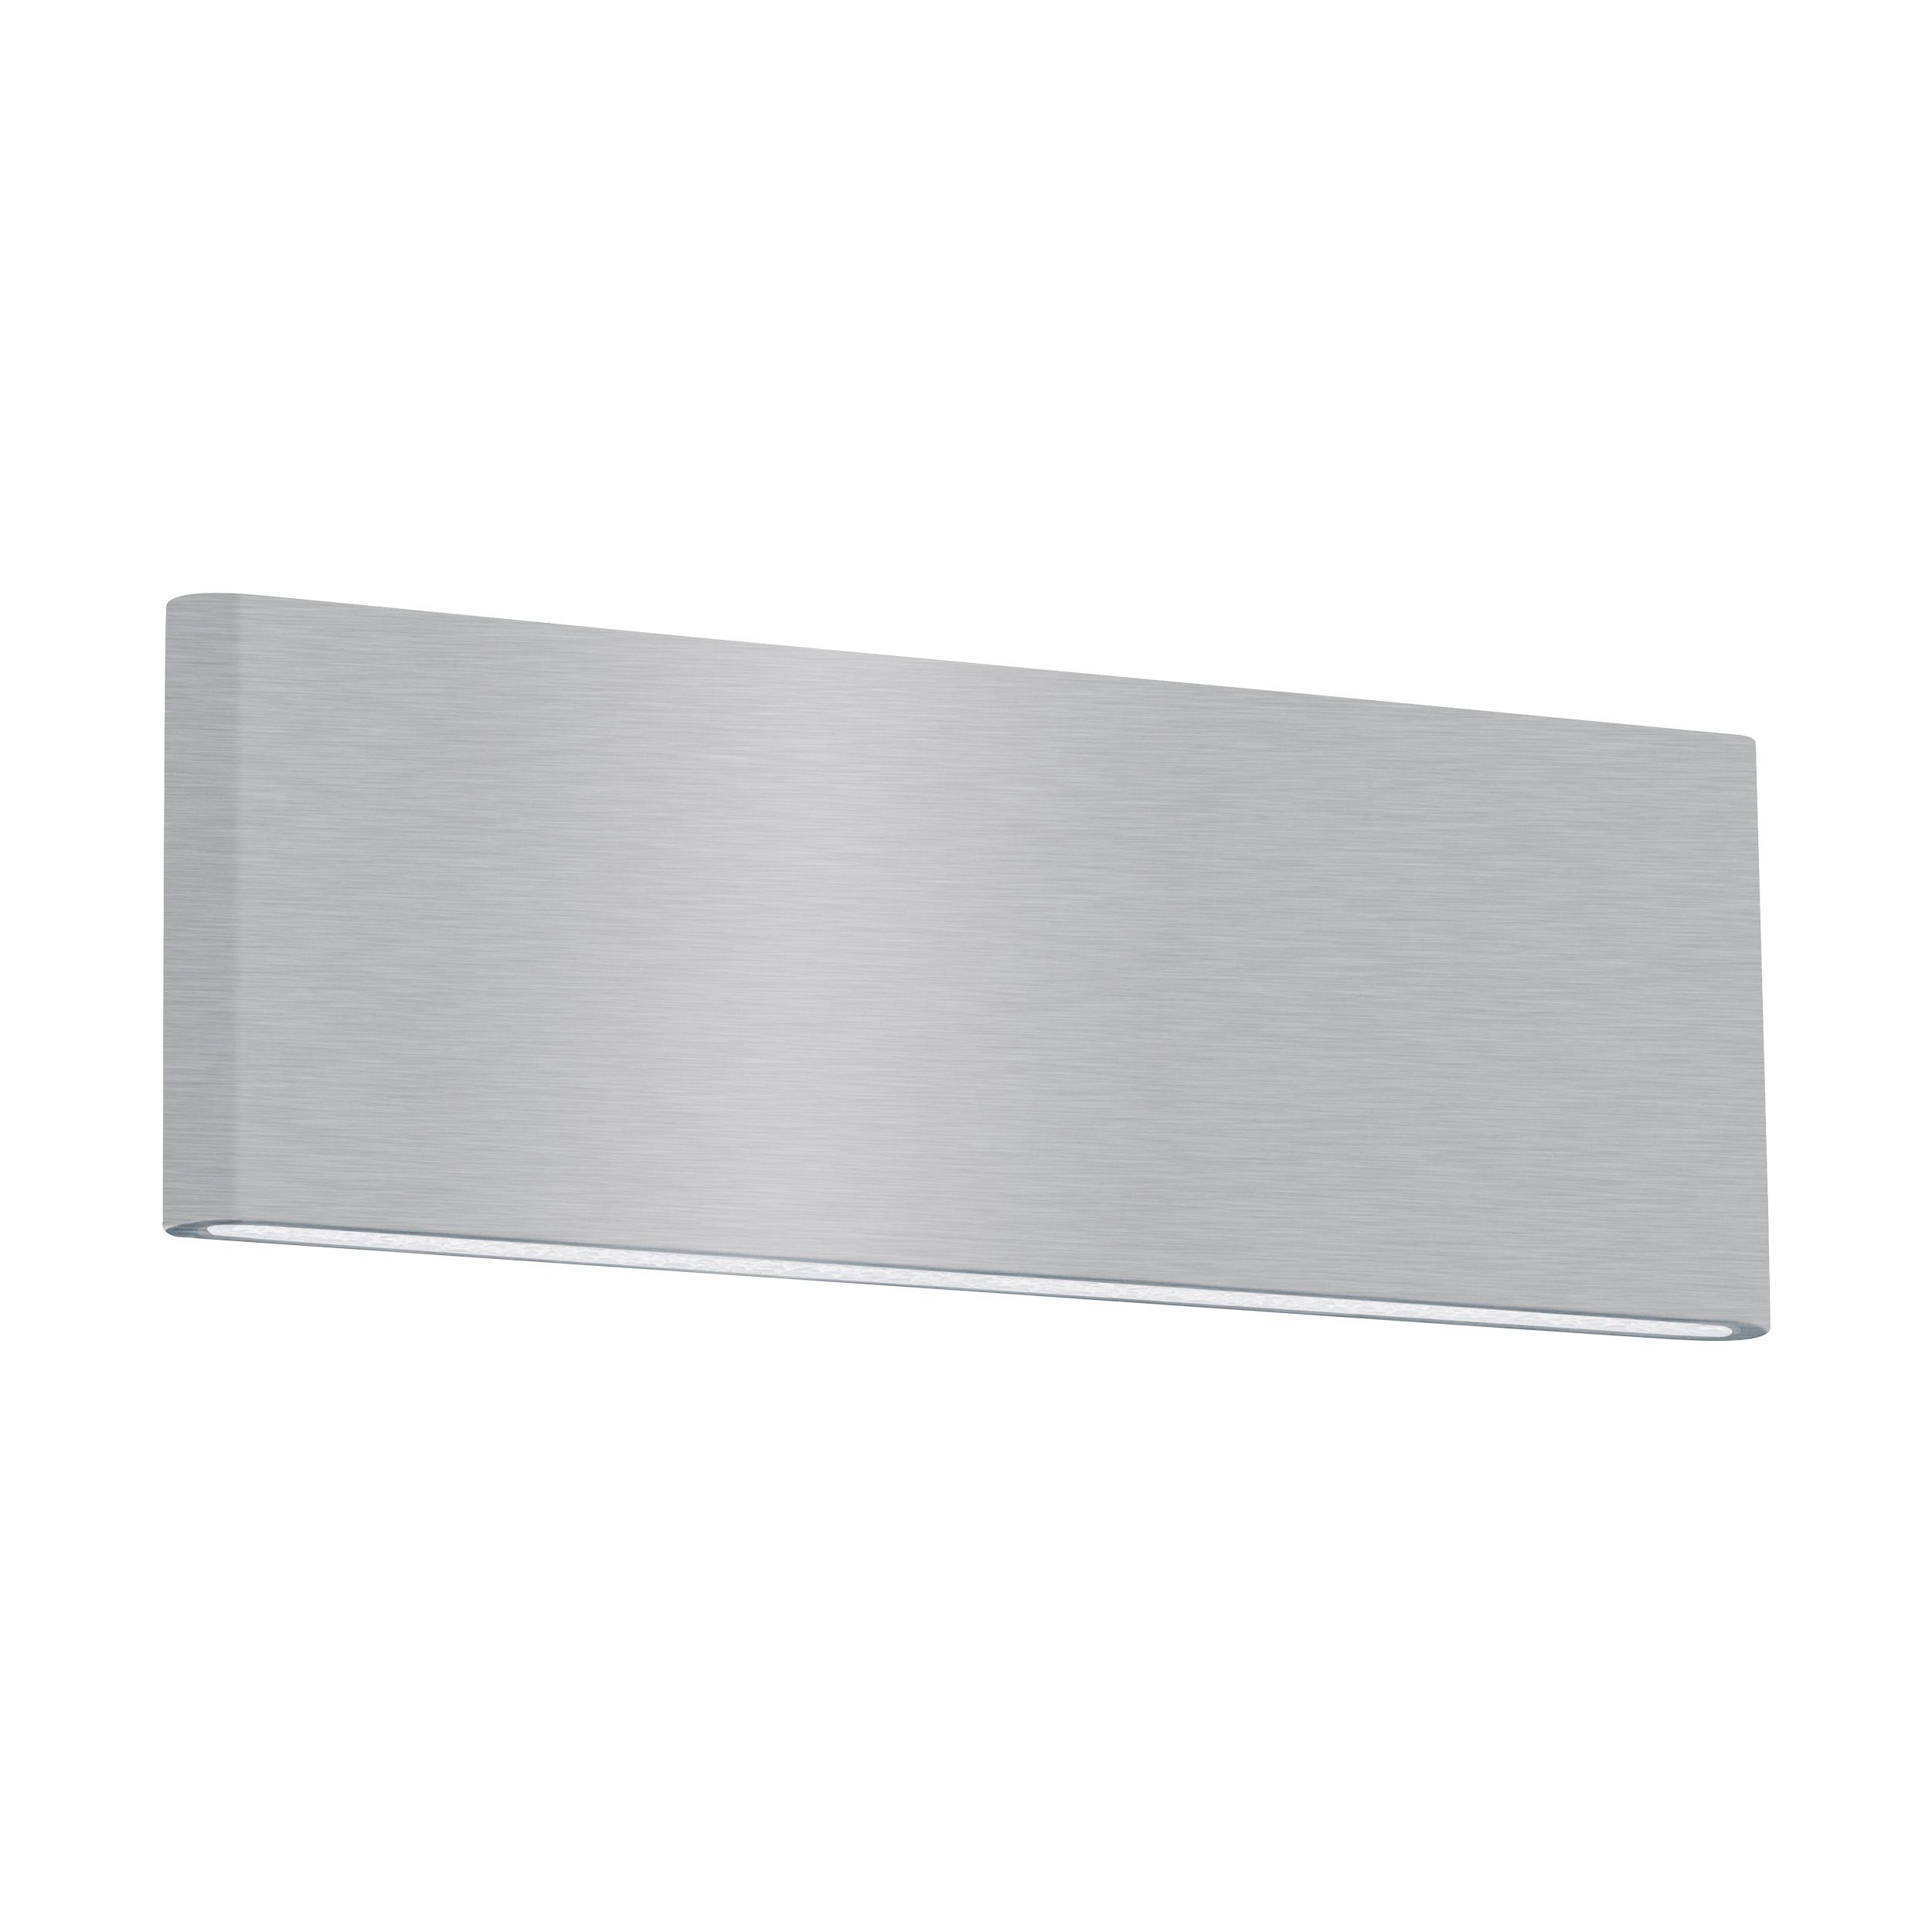 1 Stk Climene Pro D/I 2x16,8W 3000K Aluminium gebürstet IP20 LI64027---